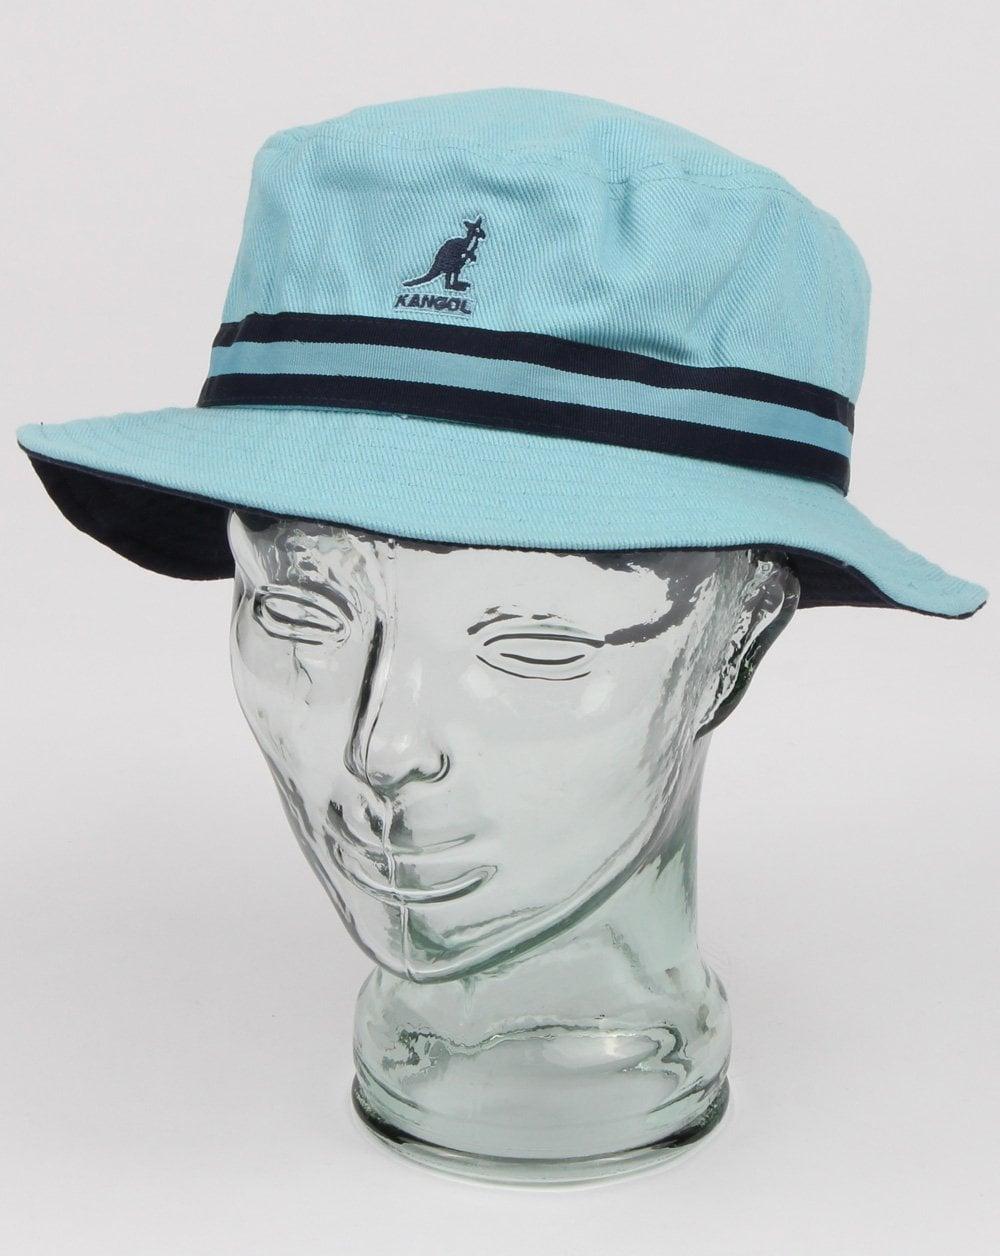 Britpop Style Liam Gallagher Kangol Bucket Hat